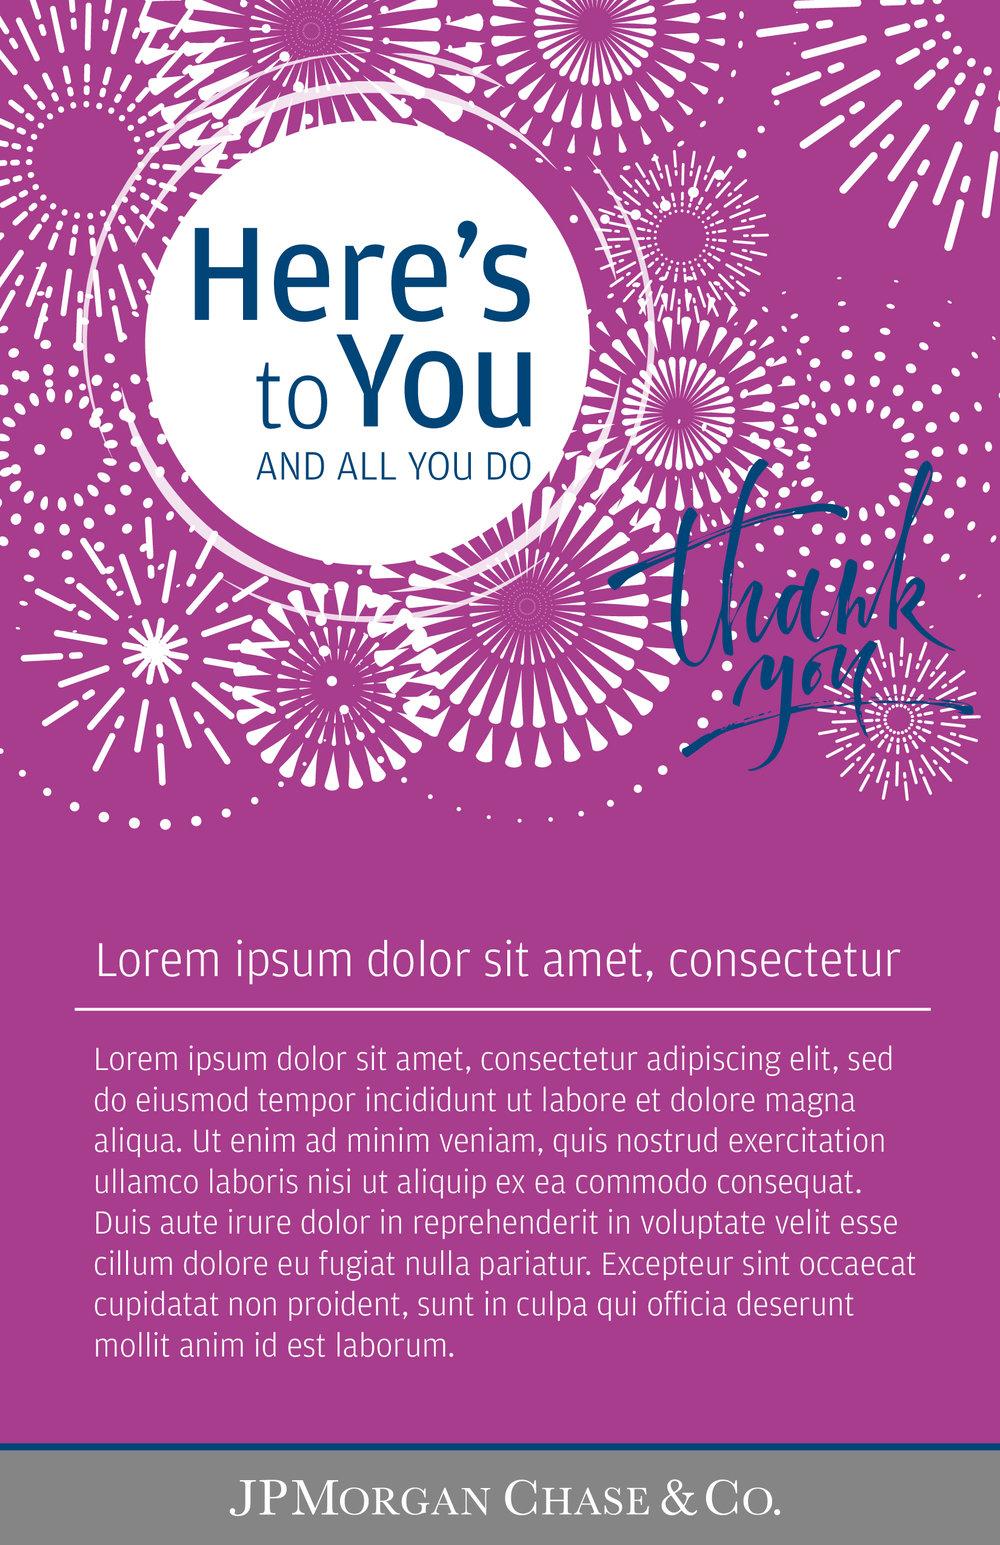 EAW_FireworksIllustration_Poster_Colors_V2-04.jpg